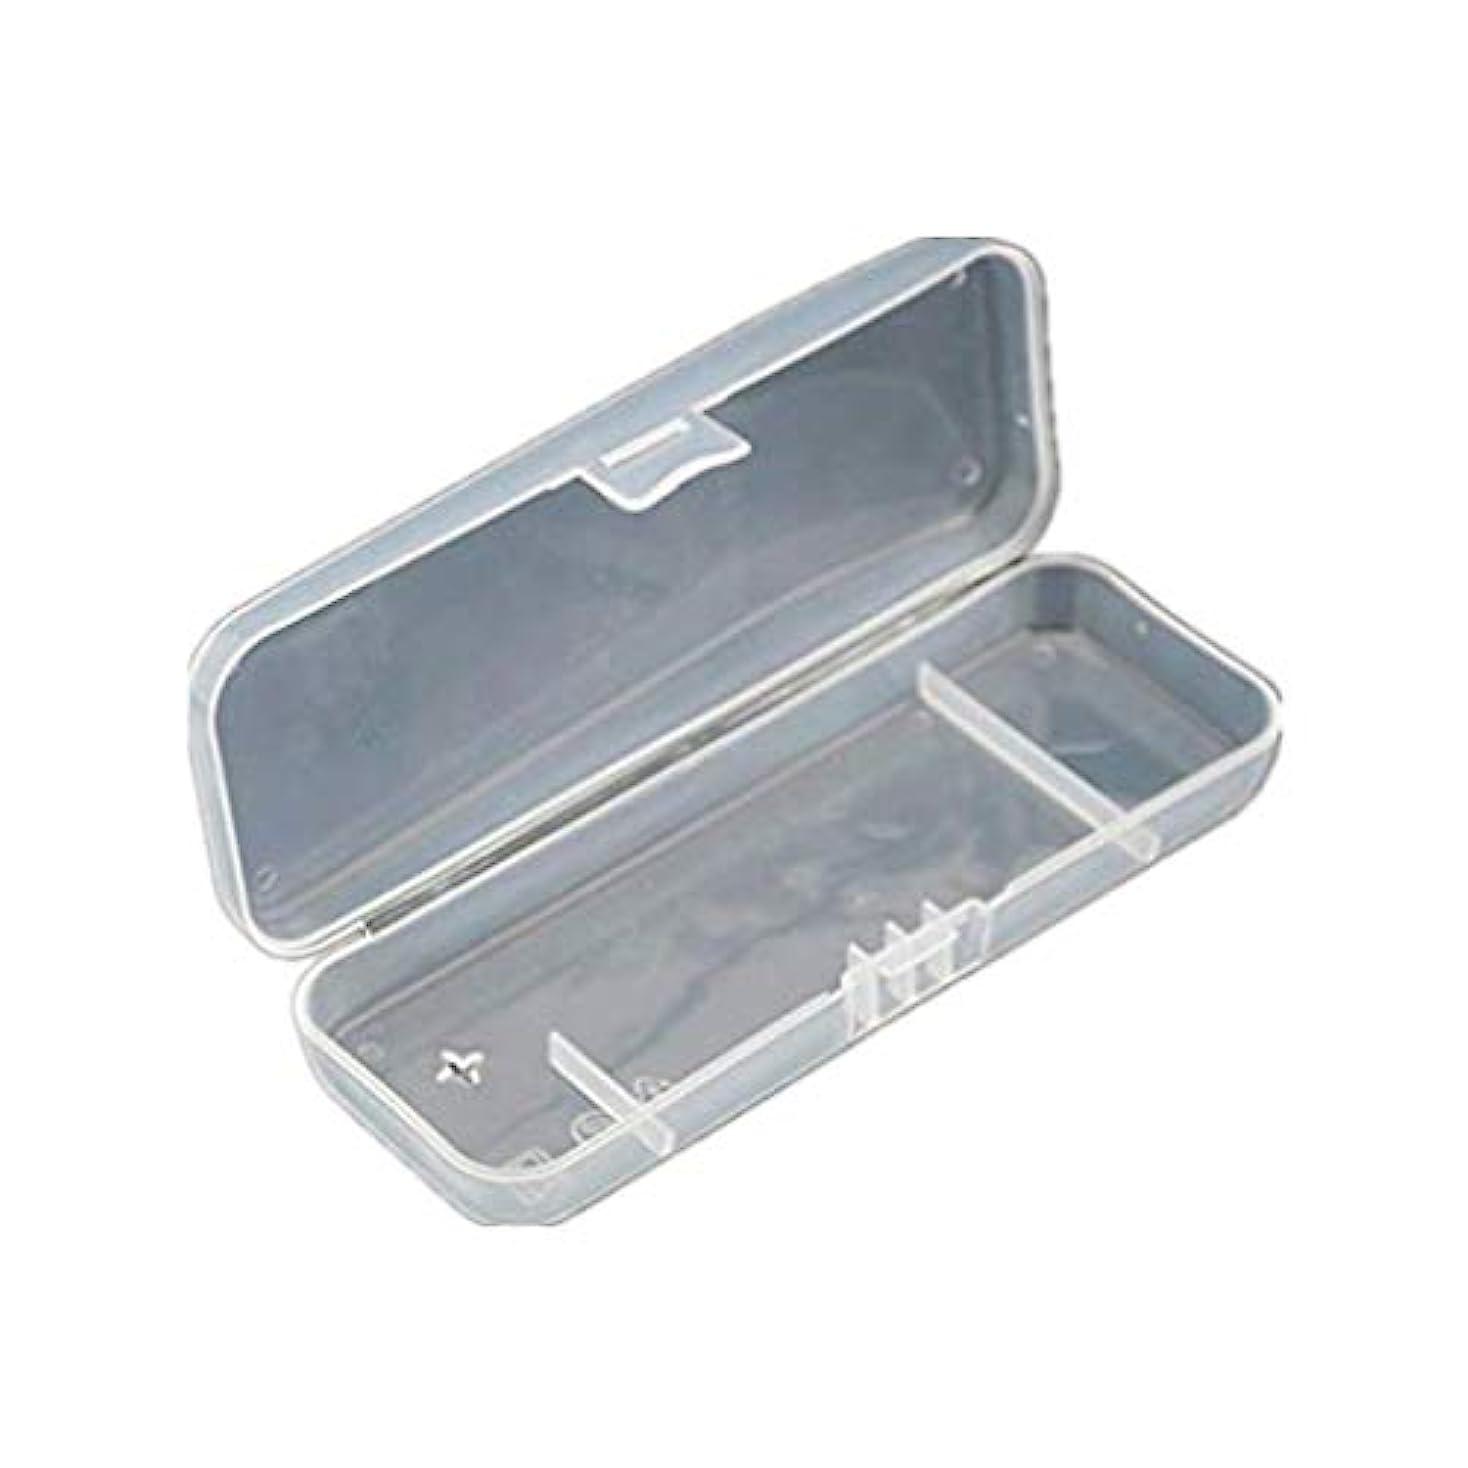 計り知れないかろうじて配分旅行のためのポータブルトラベルABSカバーマニュアルレイザー保護透明ボックスホルダーカバー男性シェービングケース